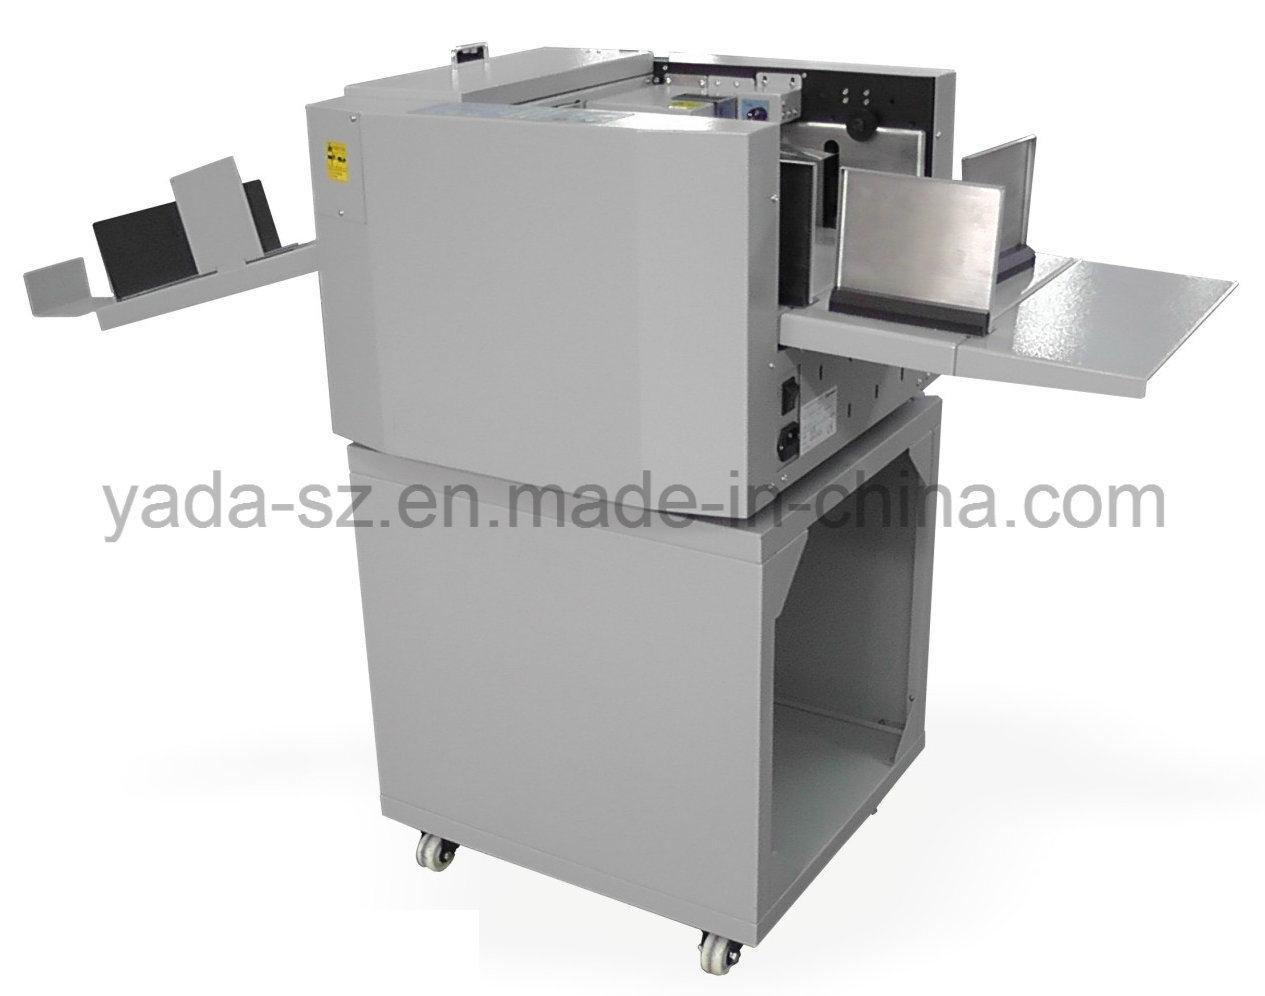 Auto Digital Creaser Yd-330b+ / Yd-335b+